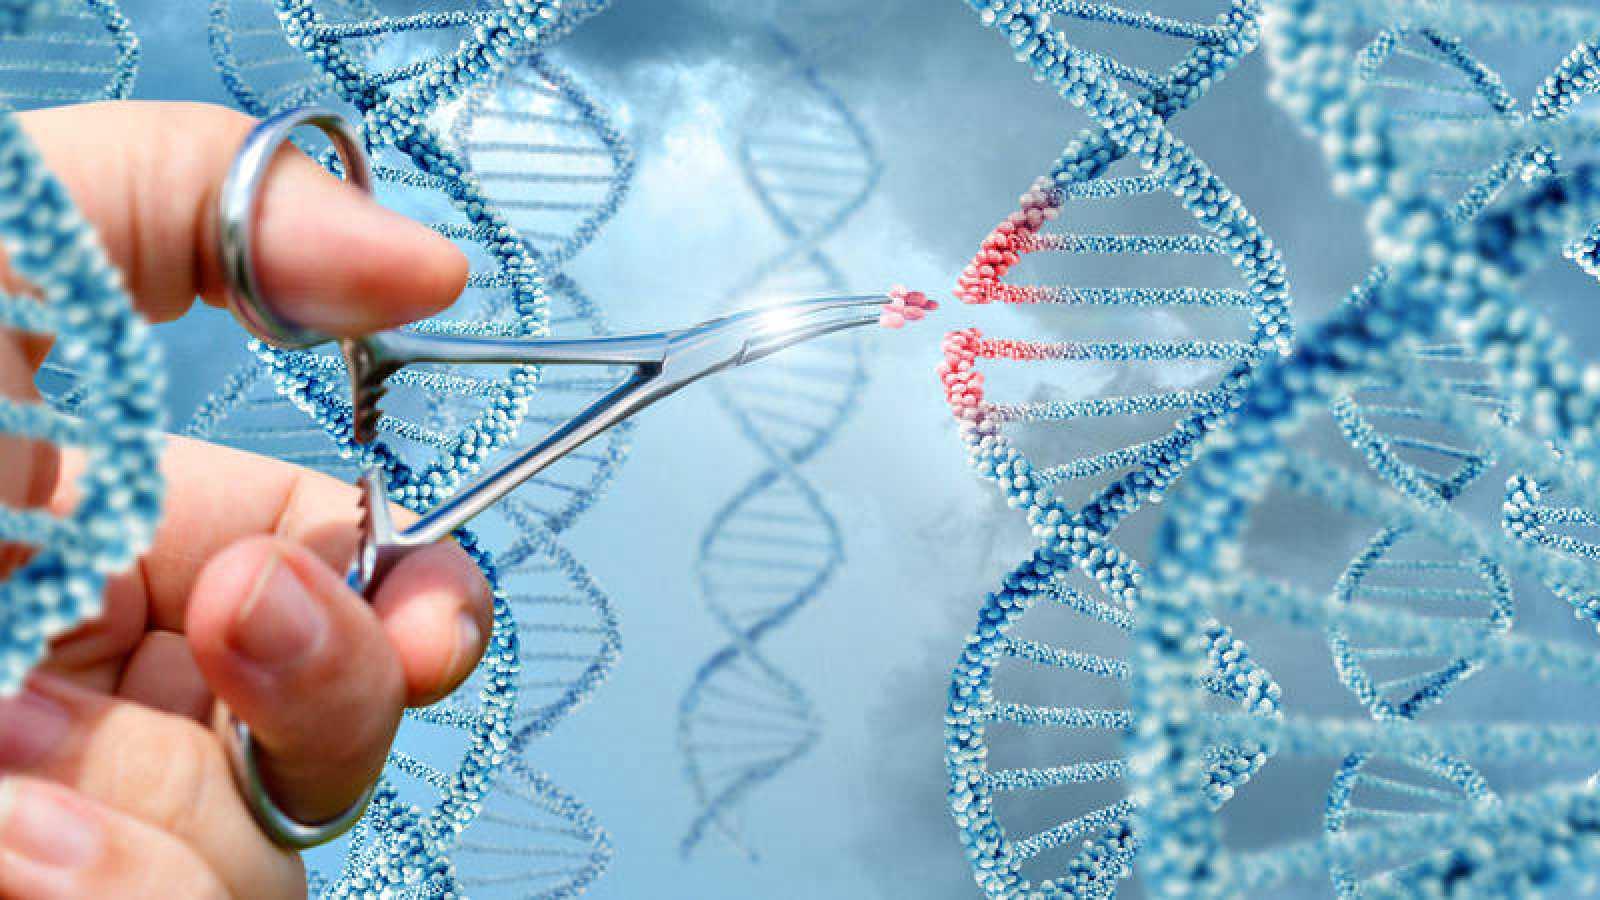 Hallan alteraciones genéticas del autismo que se heredan vía paterna